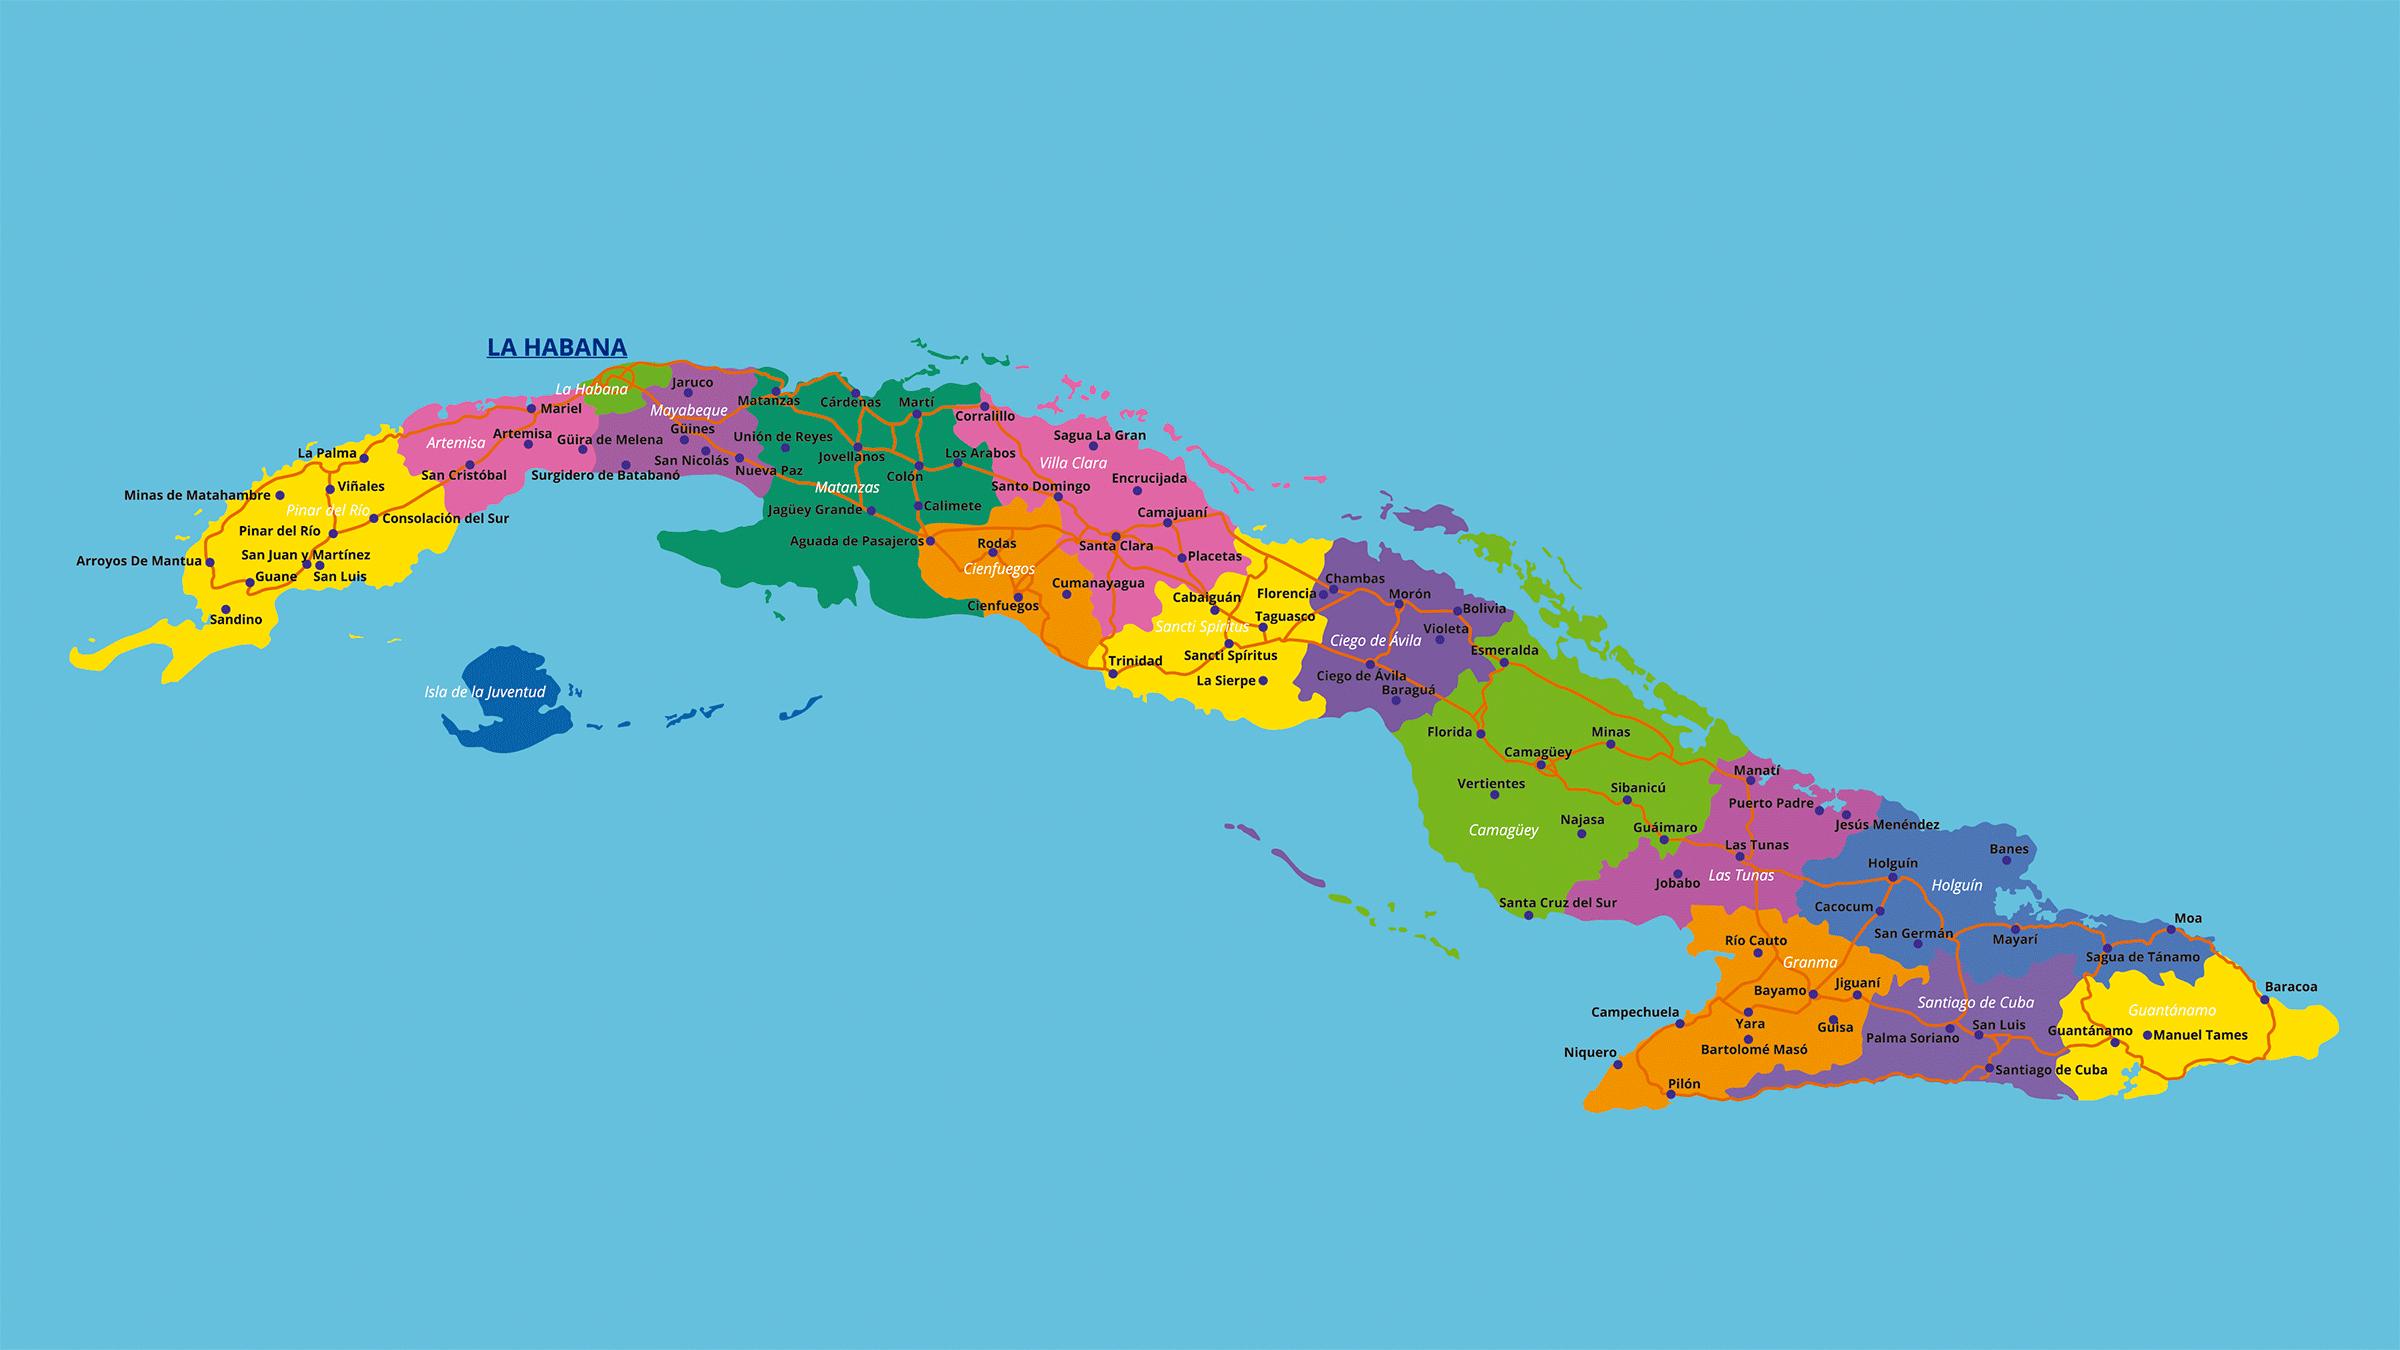 mapa de cuba Mapa de carreteras de Cuba mapa de cuba